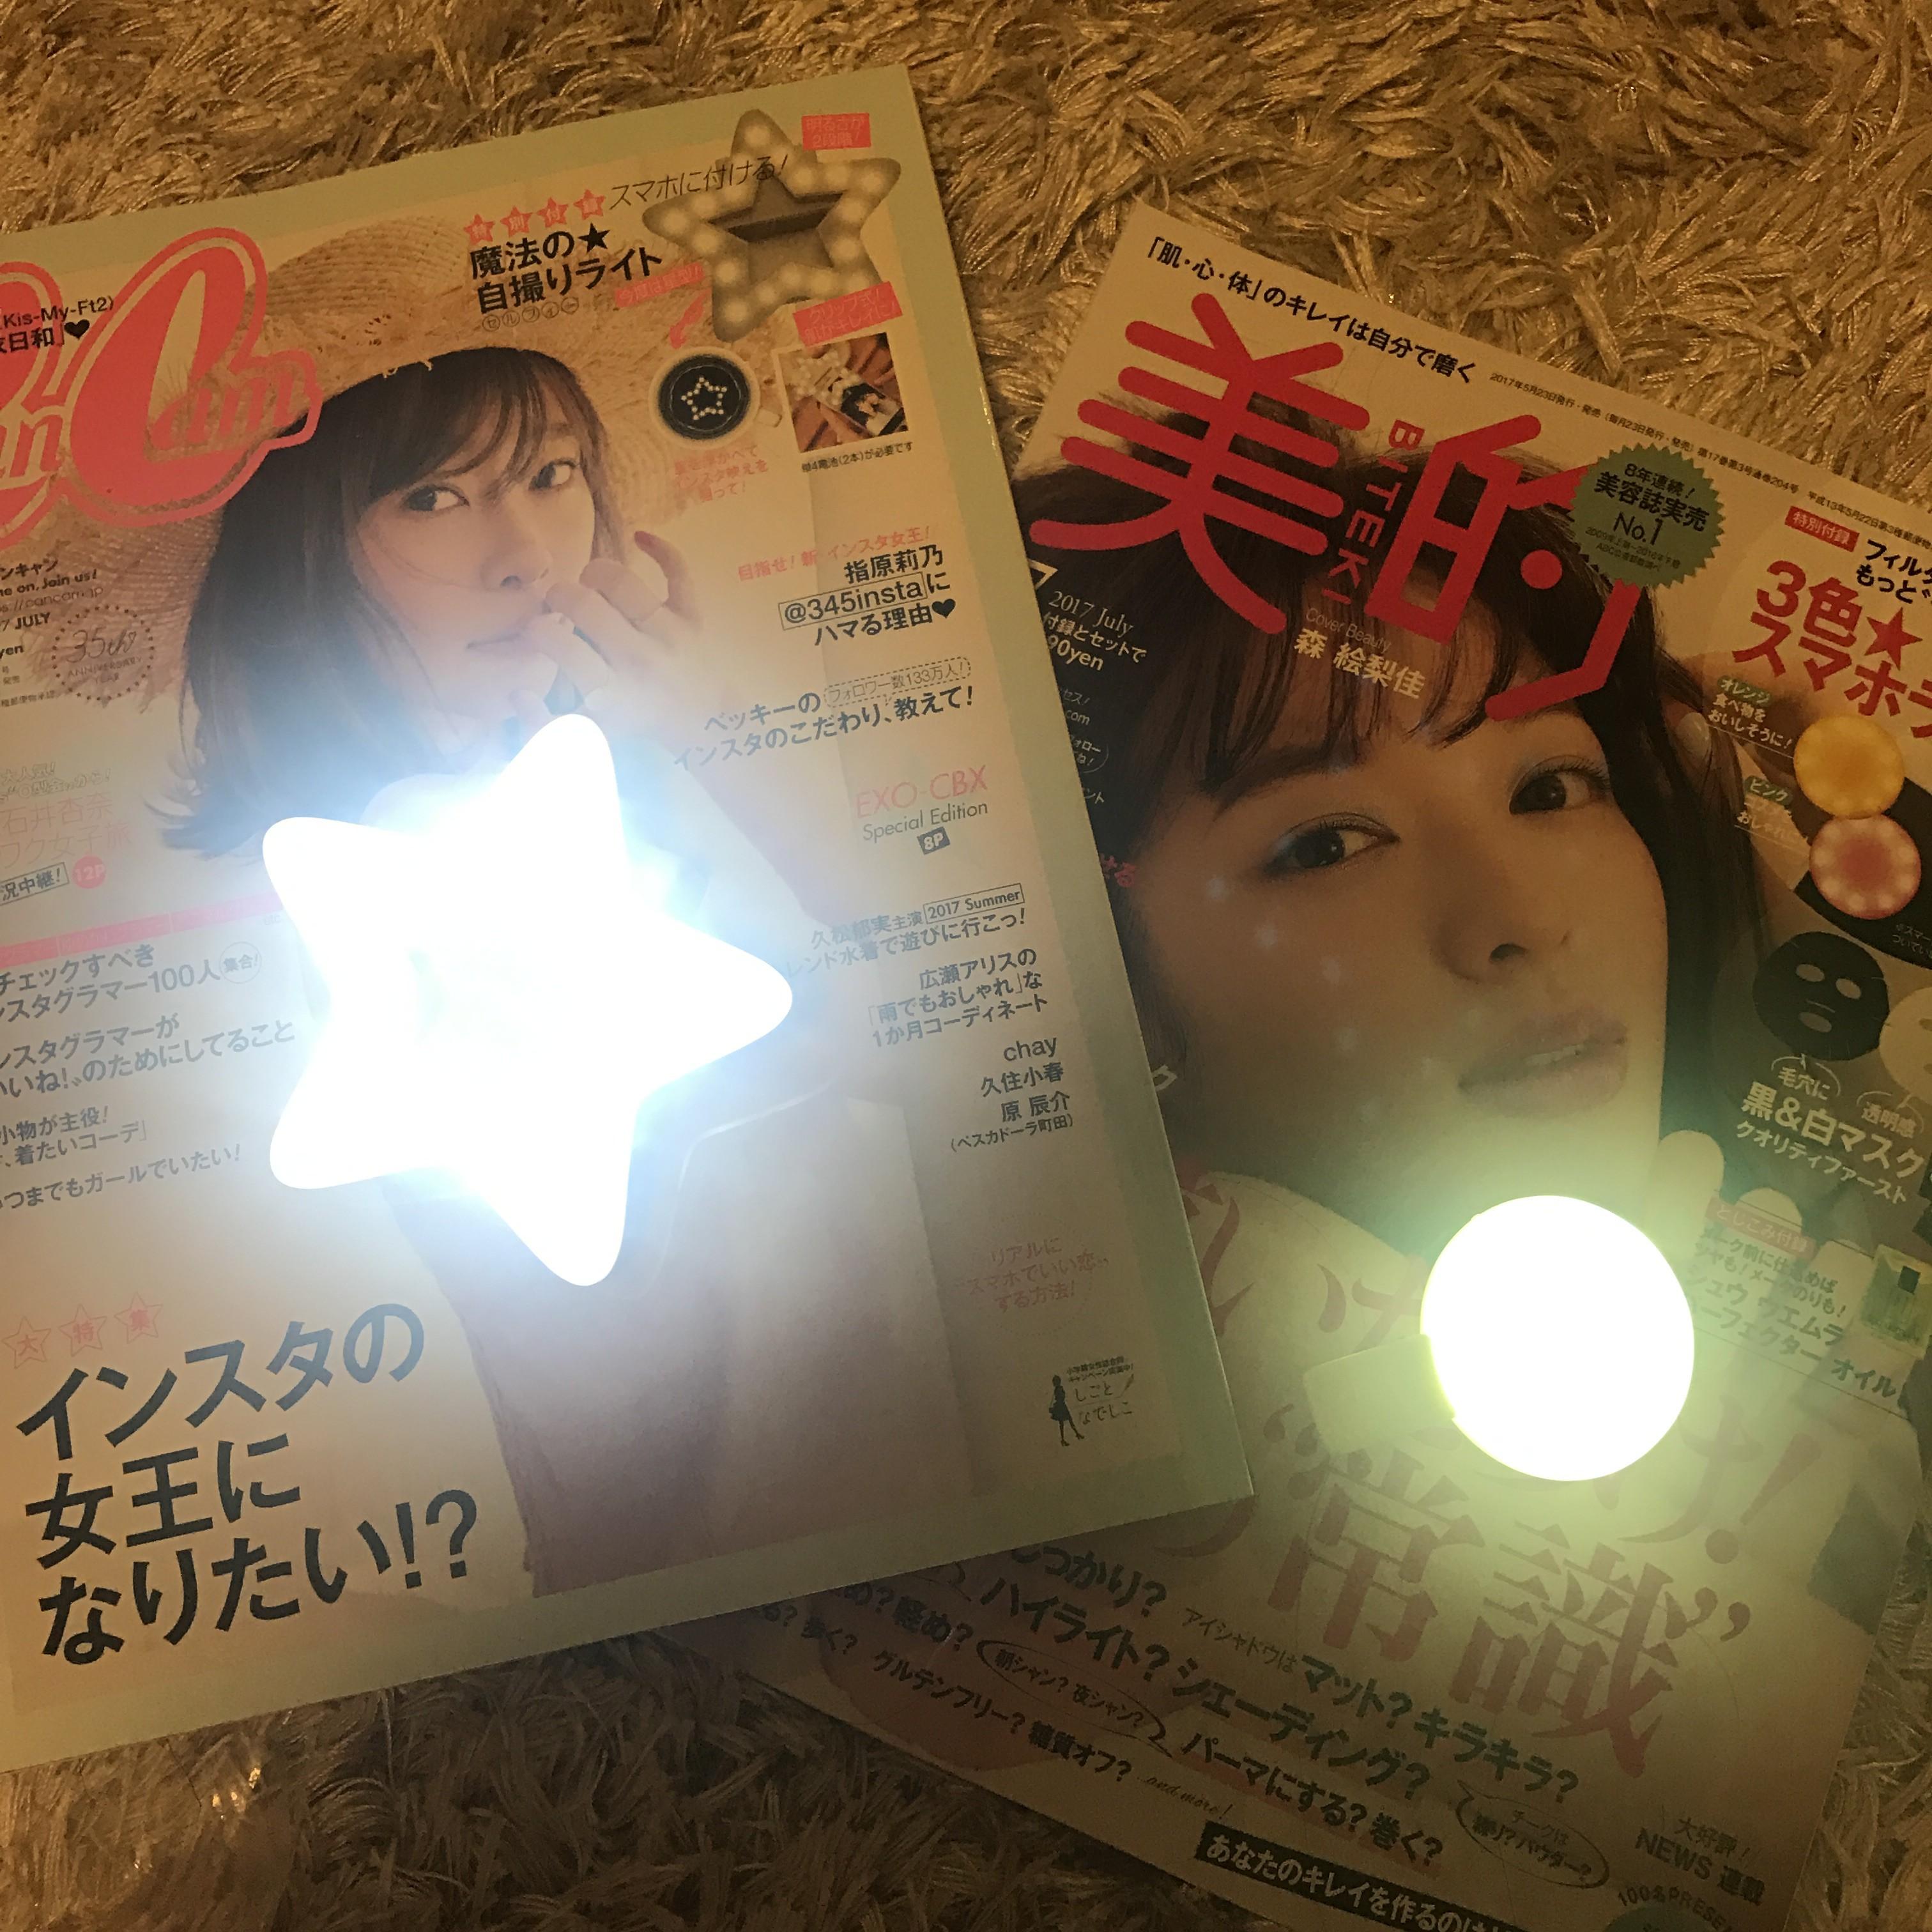 【徹底比較!】今月発売雑誌付録のスマホライト検証結果!